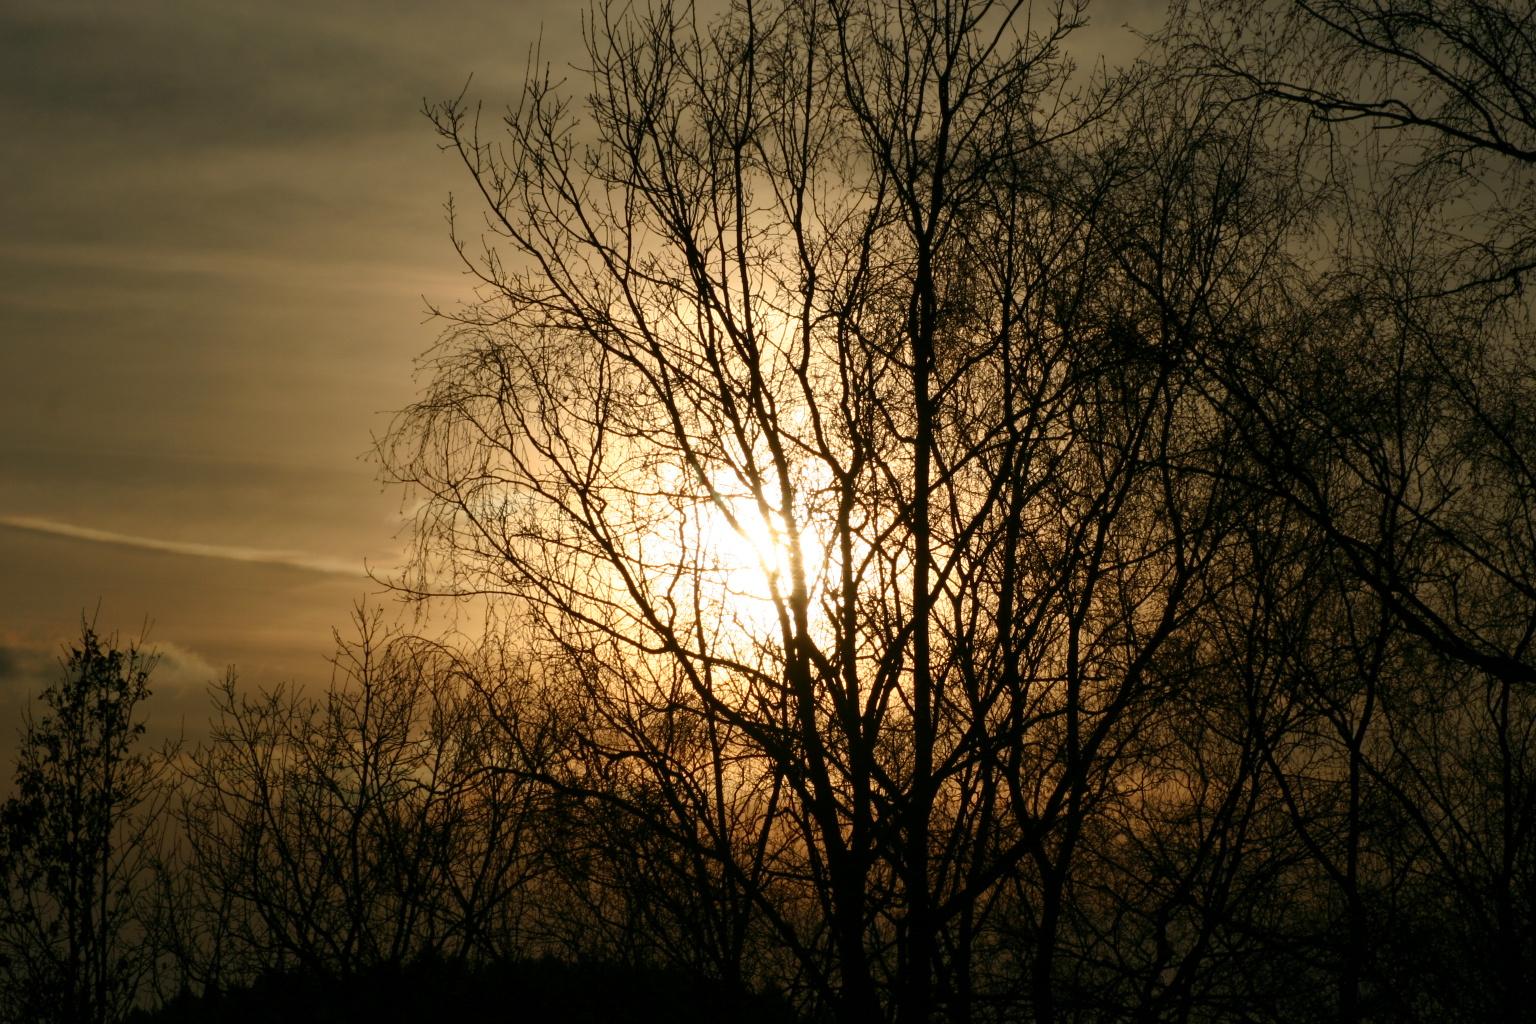 wenn die Abendsonne sinkt